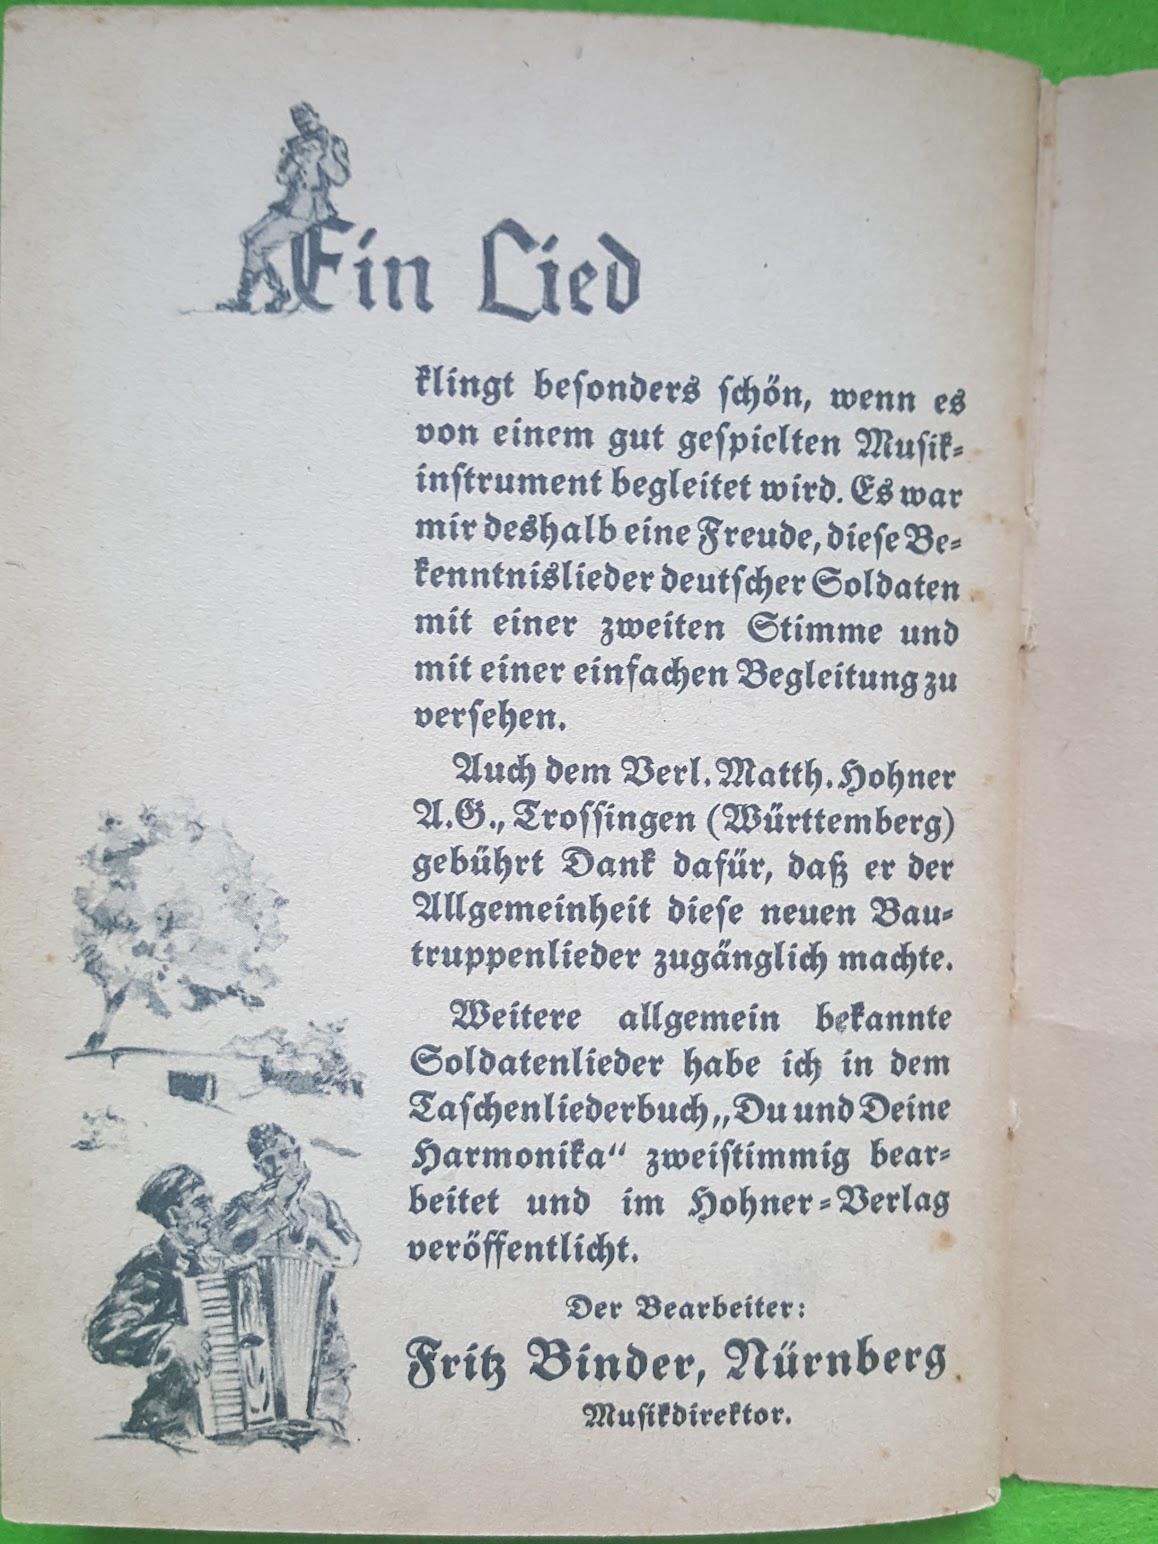 Das Liederbuch der Bautruppen, 1942, Matth. Hohner Verlag, Trossingen